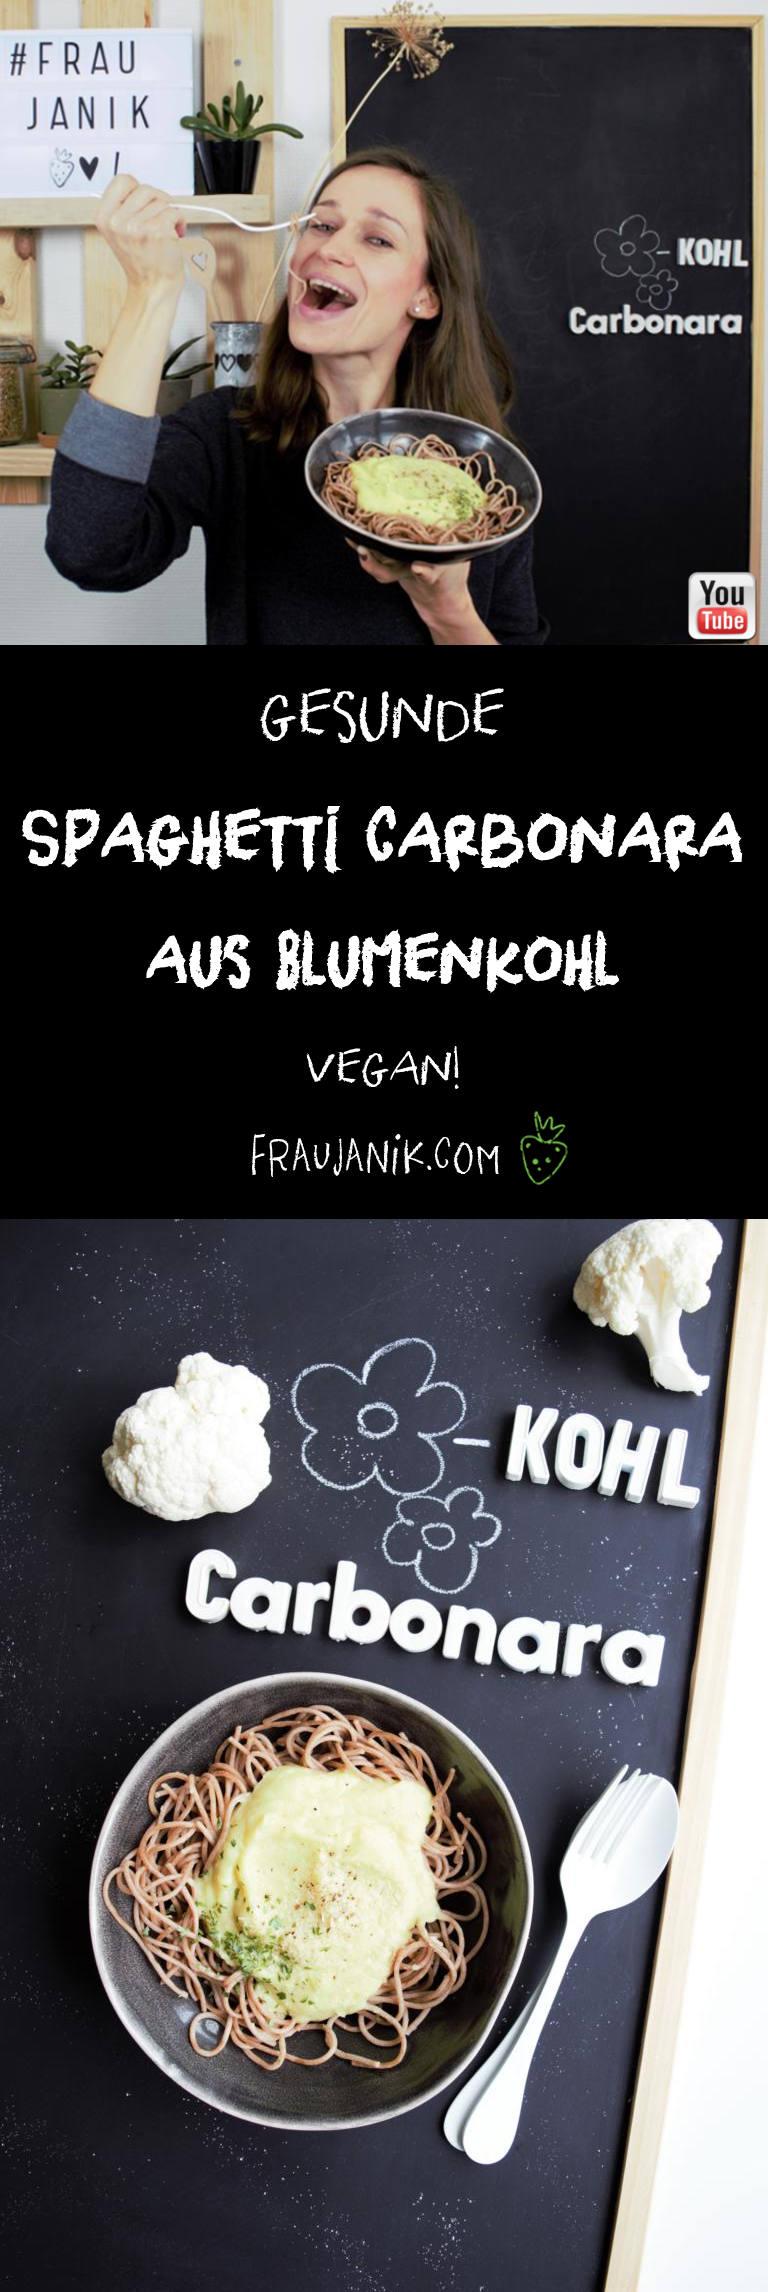 Blumenkohl Carbonara vegan